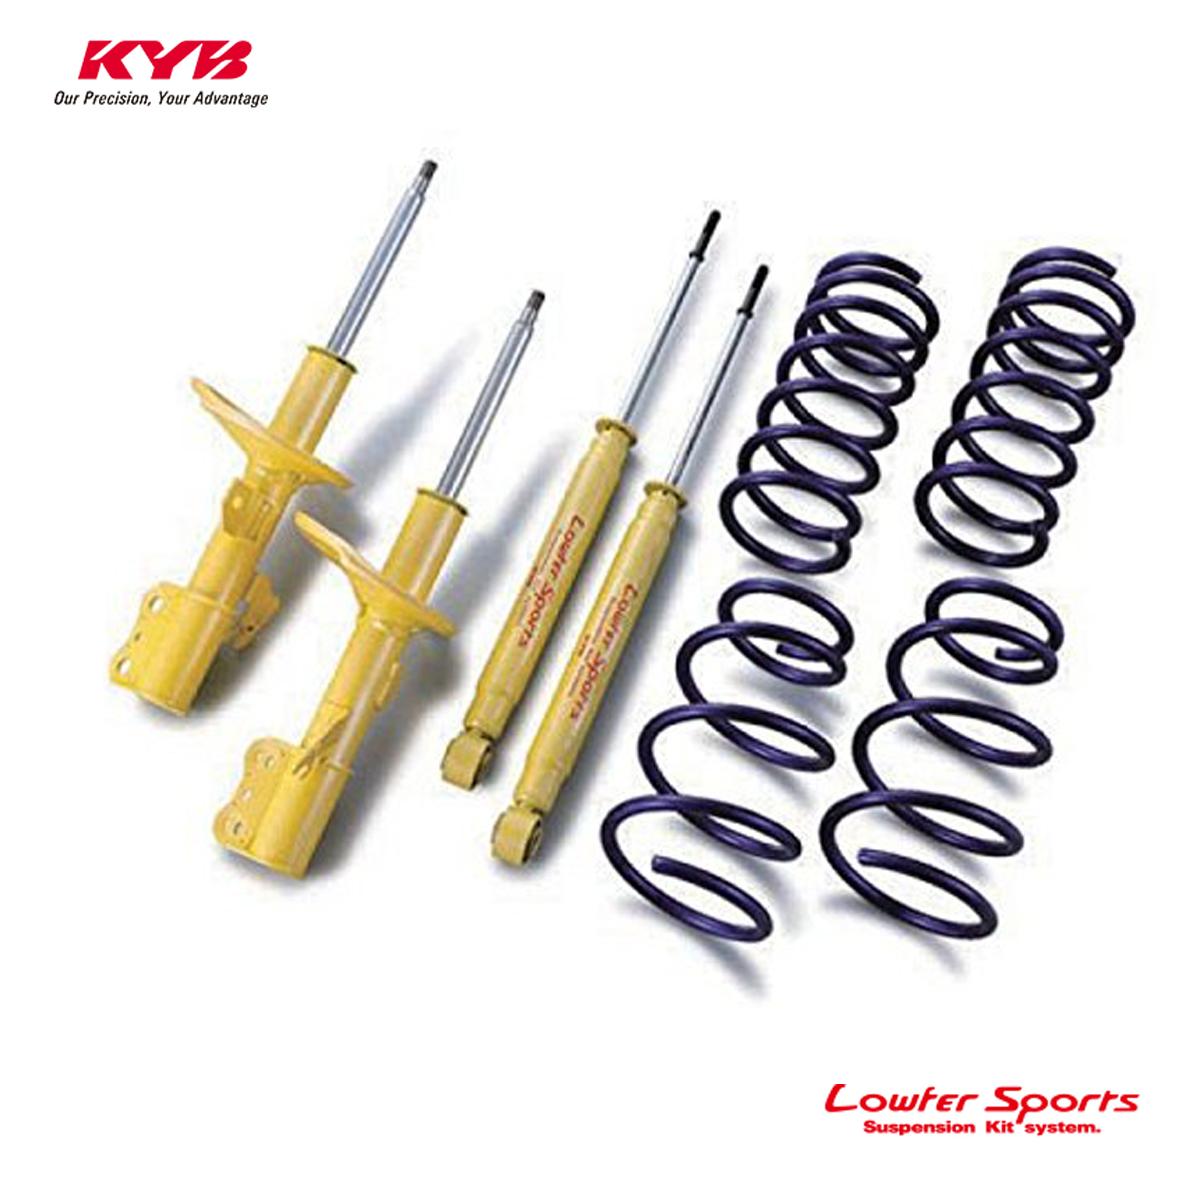 KYB カヤバ エスティマL ACR40W ショックアブソーバー サスペンションキット Lowfer Sports LKIT-ACR40W 配送先条件有り